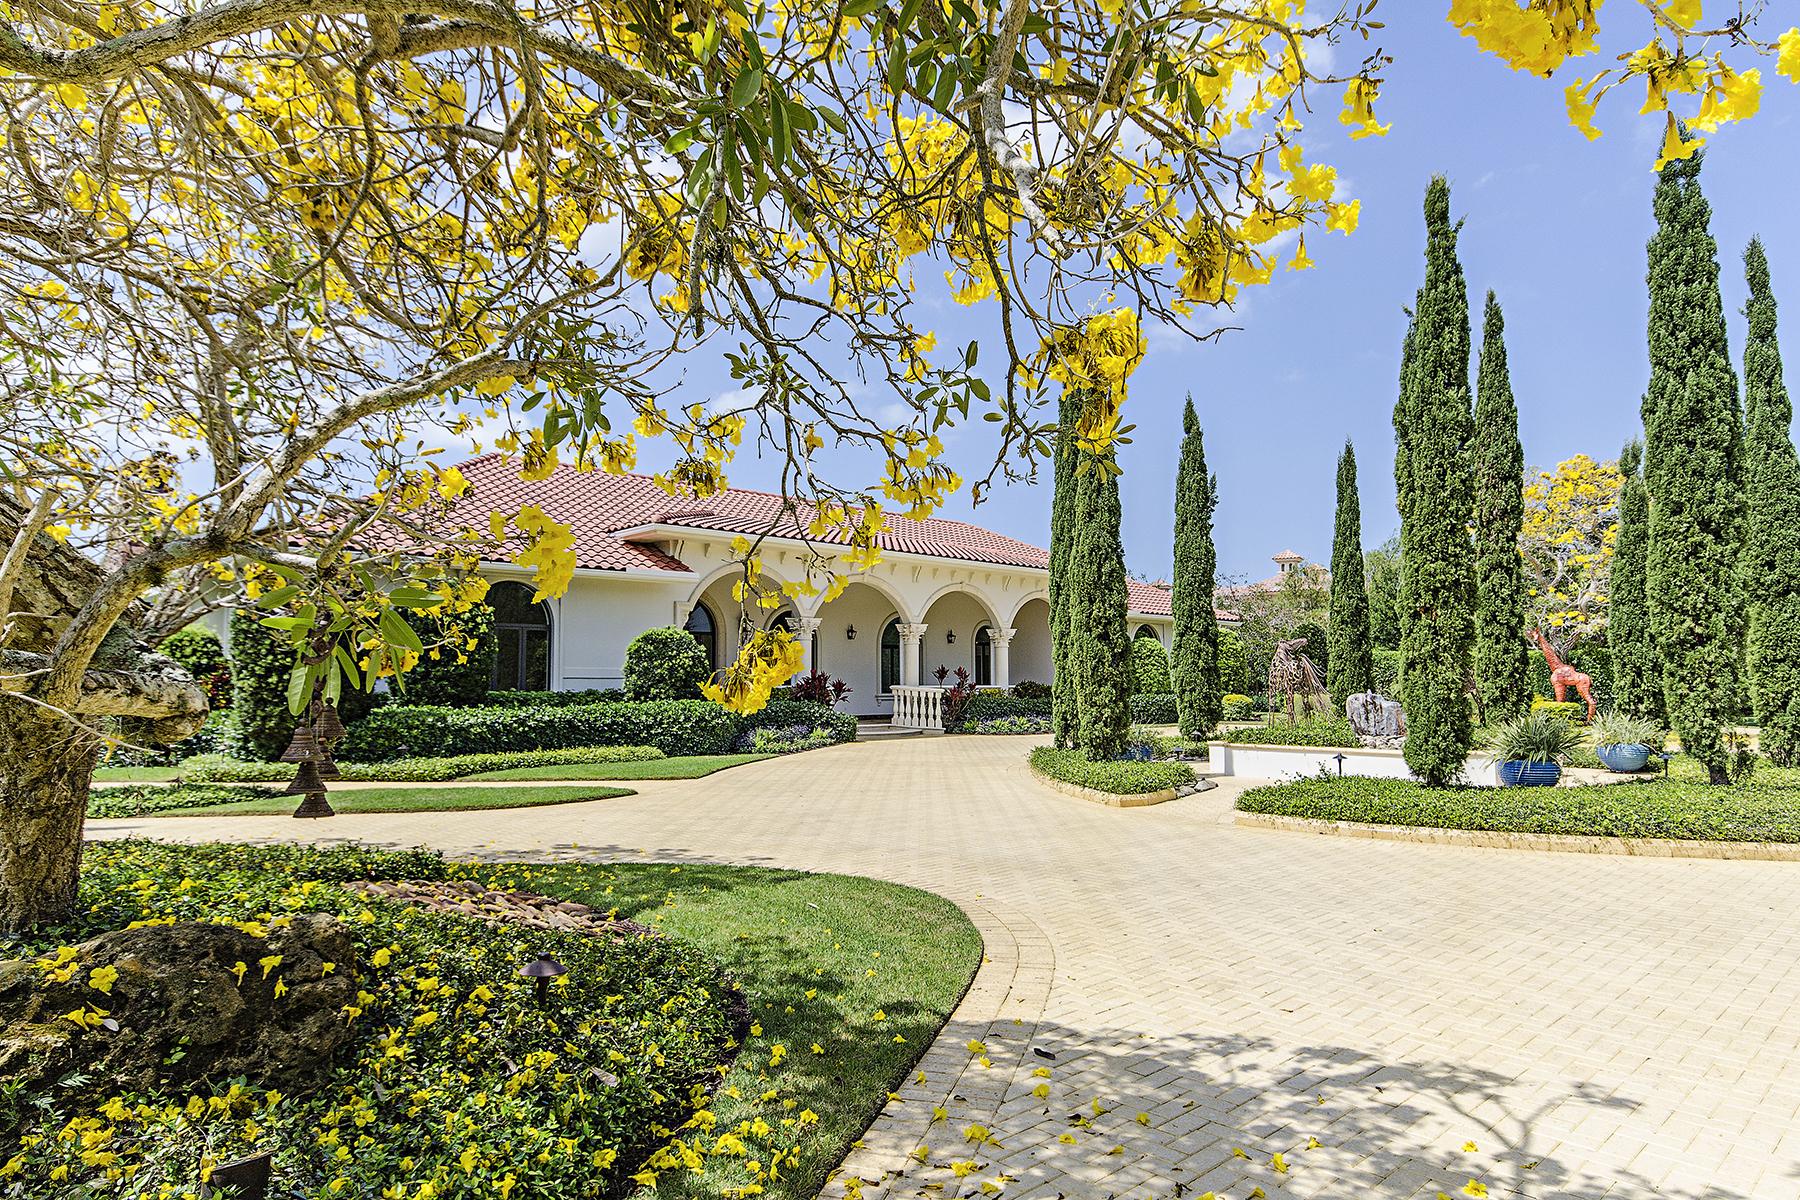 独户住宅 为 销售 在 196 Eugenia Dr , Naples, FL 34108 196 Eugenia Dr 那不勒斯, 佛罗里达州, 34108 美国